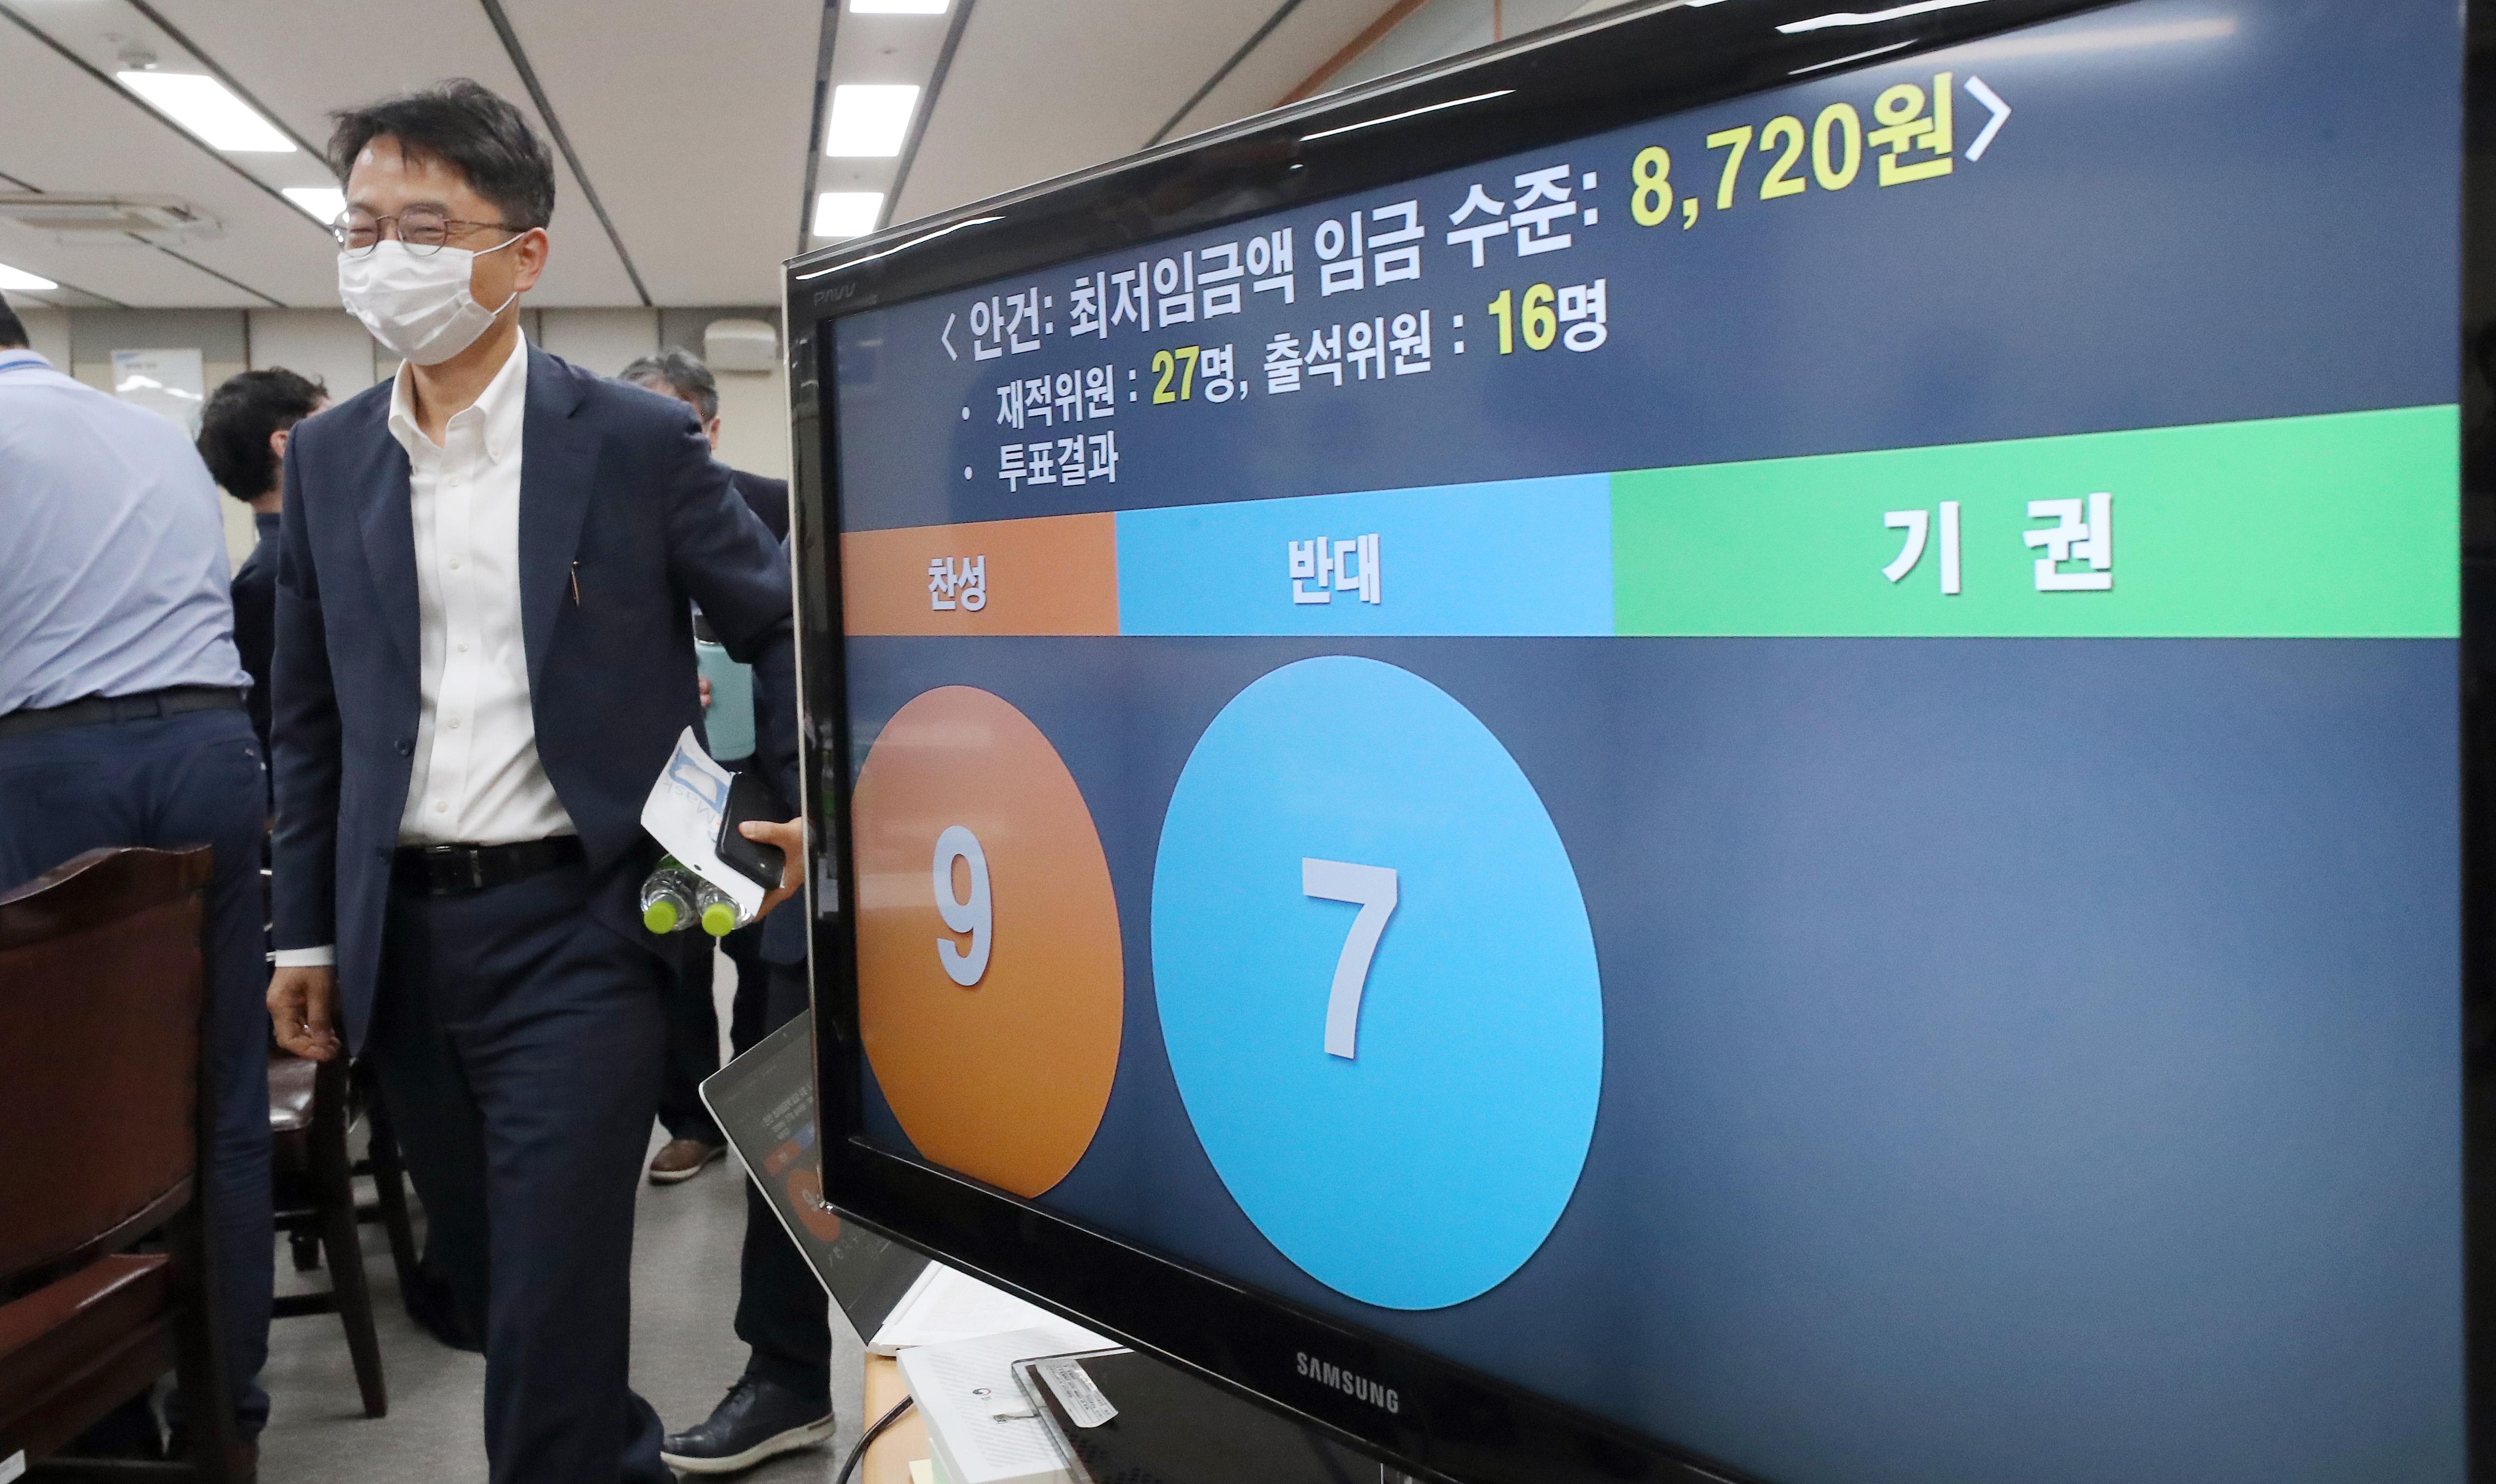 2021년 최저임금 8,720원으로 의결, 회의장 떠나는 박준식 위원장